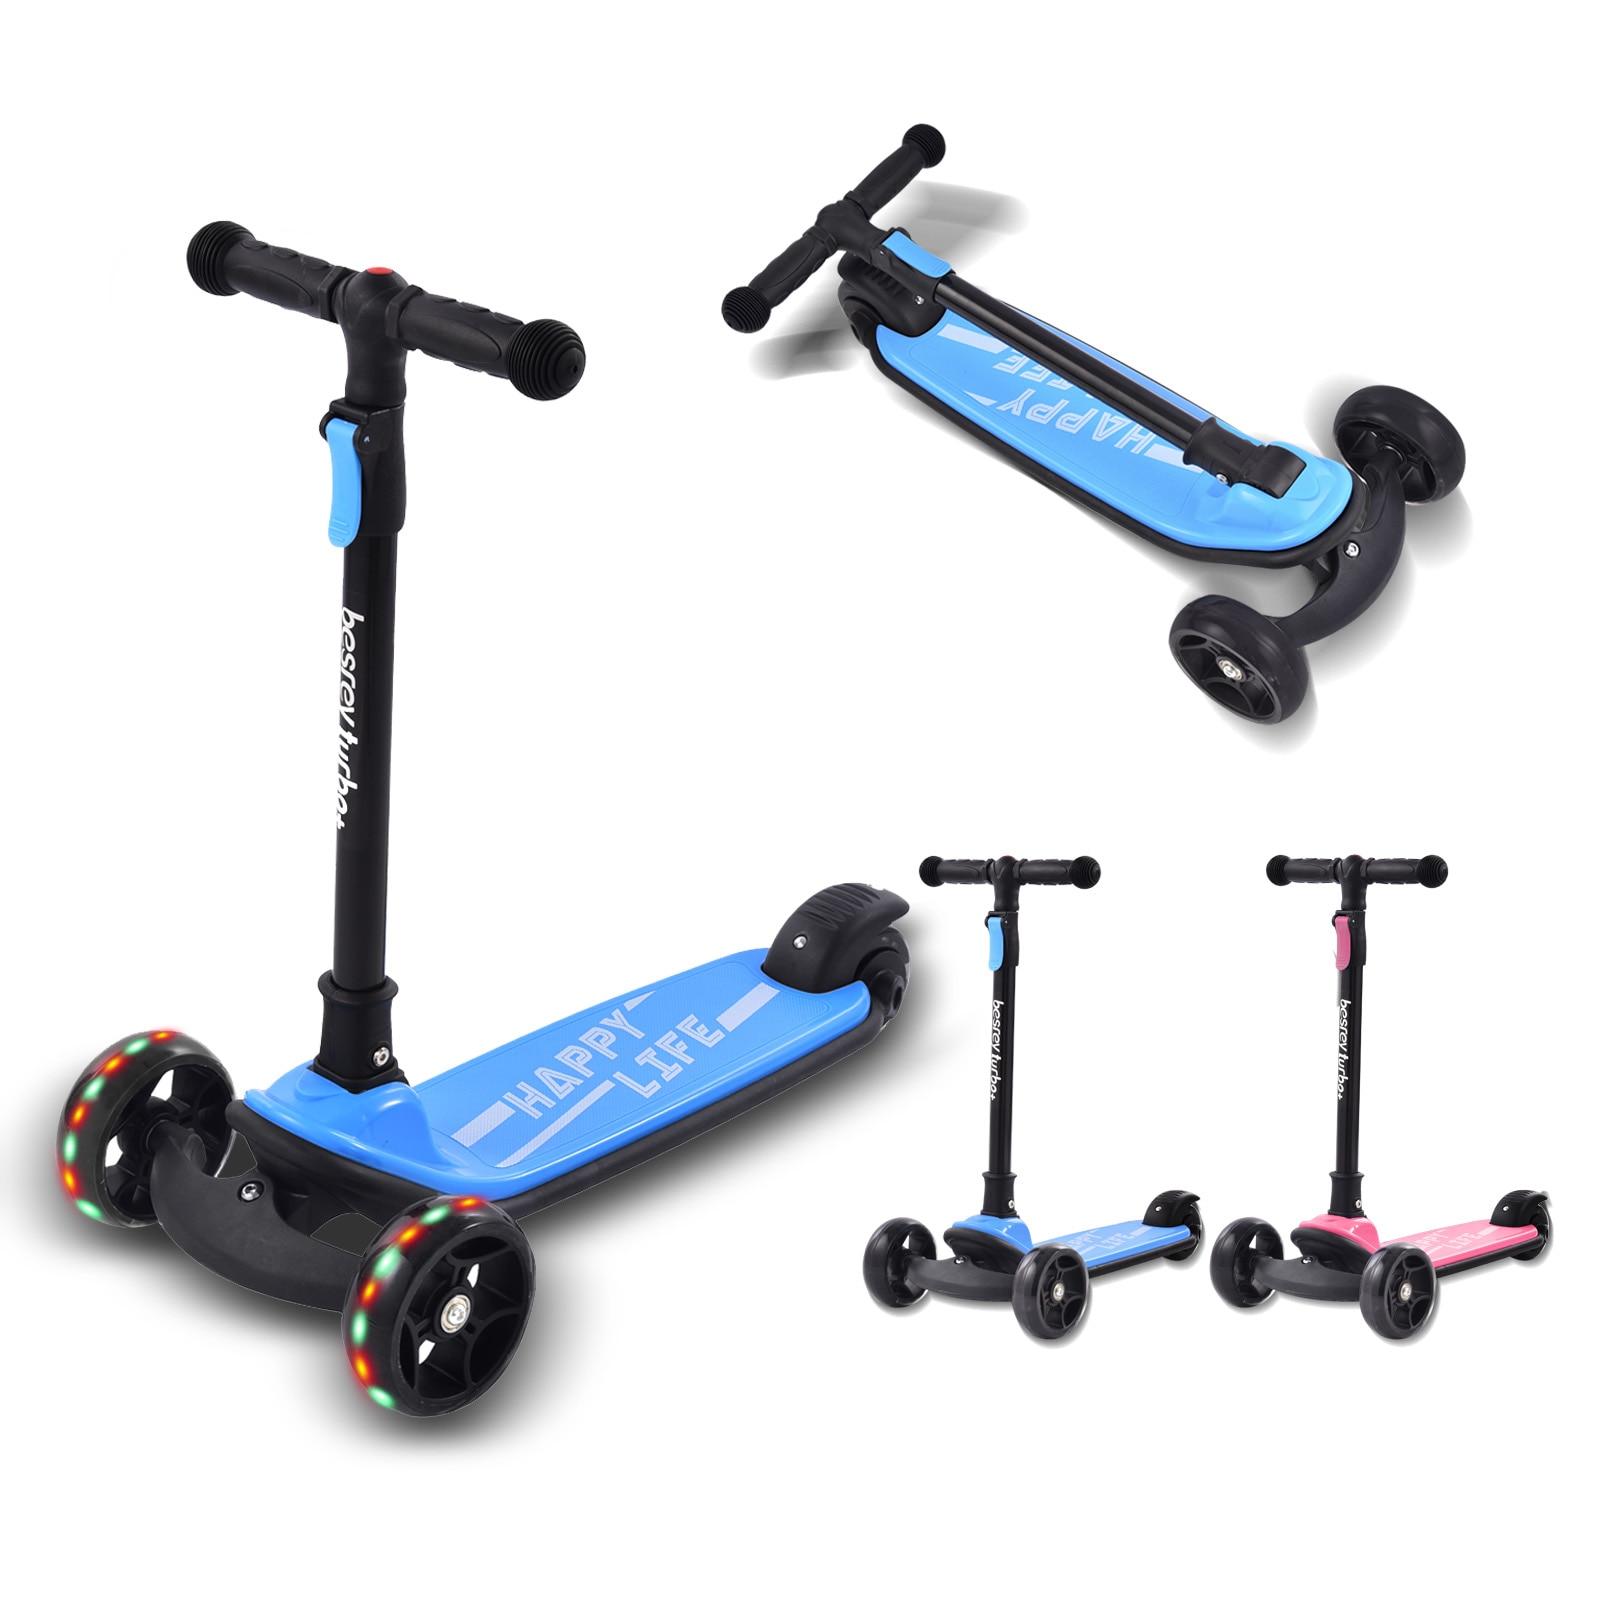 سكوتر للأطفال المحمولة الاطفال دراجة ثلاثية العجلات سيارة التوازن لعبة هدايا للأطفال مناسبة للأطفال من سن 3-8